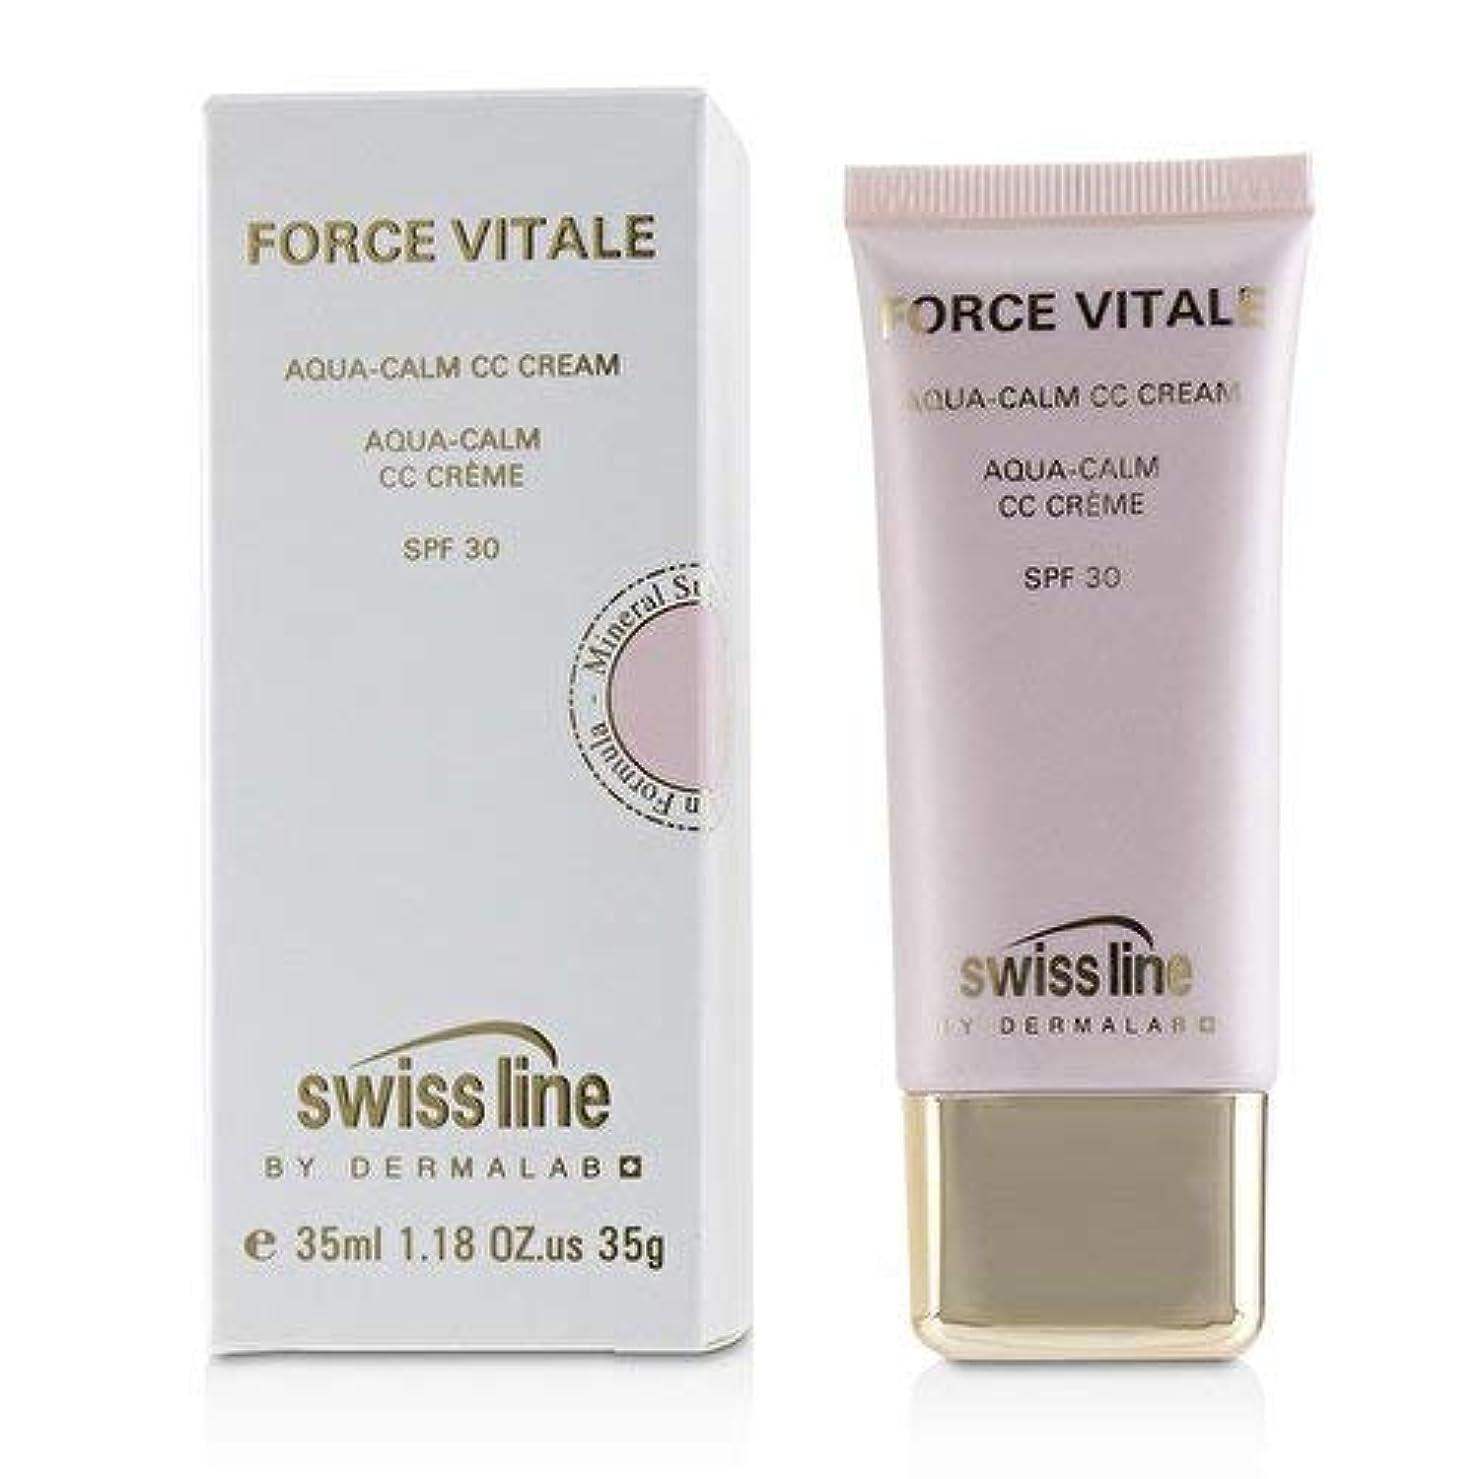 委員会代替案形スイスライン Force Vitale Aqua-Calm CC Cream SPF30 - Beige 10 35ml並行輸入品